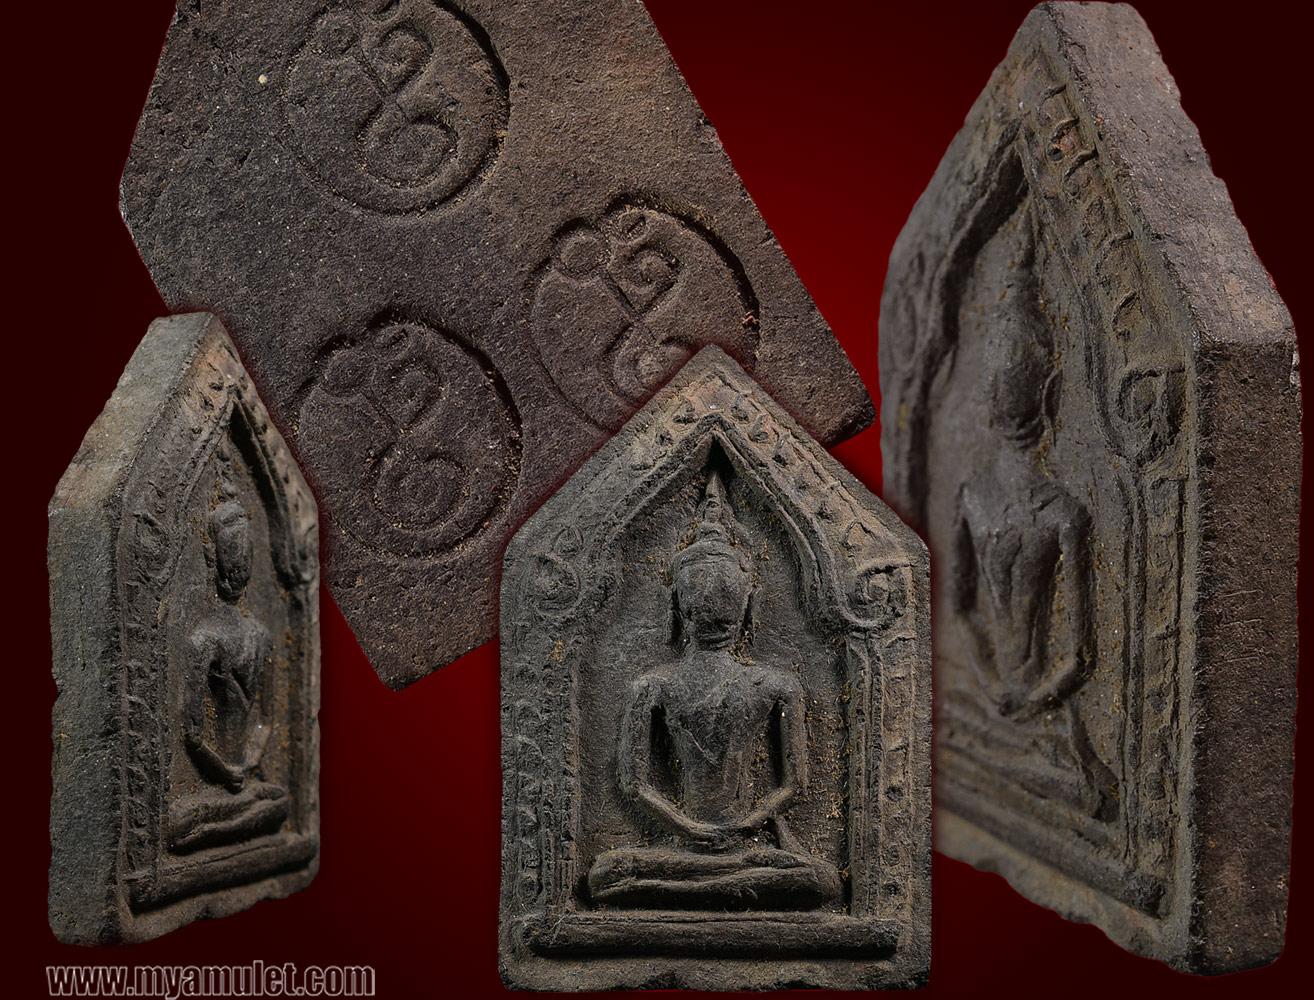 พระขุนแผนพิมพ์ใหญ่ 3 โค้ด อ.ชุม ไชยคีรี วัดพระบรมธาตุ ปี 2497 (จองแล้ว)